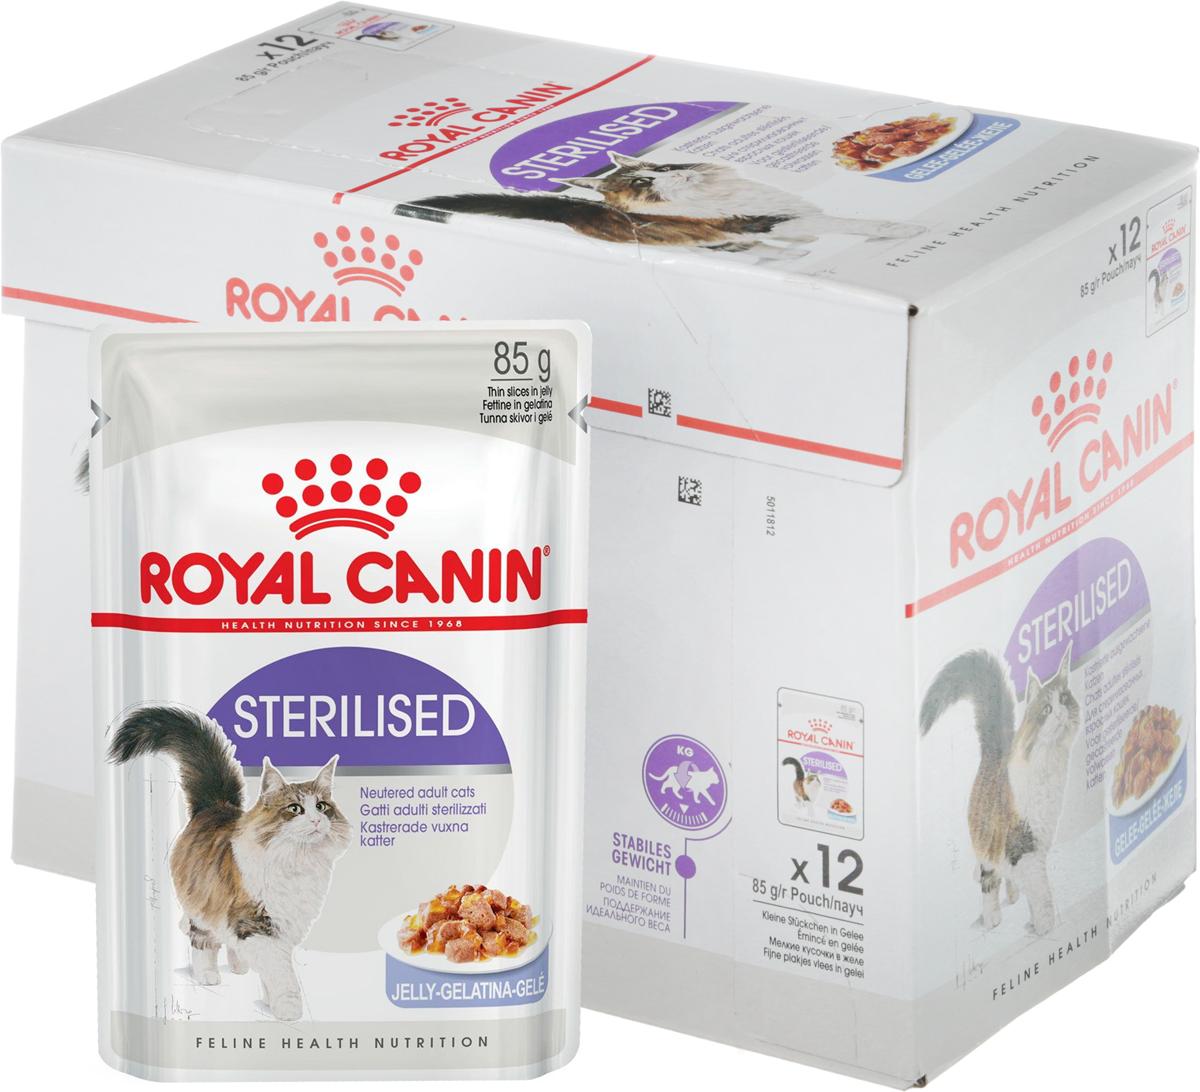 Консервы Royal Canin Sterilised, для взрослых стерилизованных кошек, мелкие кусочки в желе, 85 г, 12 шт56126Консервы Royal Canin Sterilised - полноценное сбалансированное питание для взрослых стерилизованных кошек. Помогает сохранить идеальный вес стерилизованной кошки благодаря точно подобранному содержанию энергии. Оптимальное соотношение белков, жиров и углеводов способствует долговременному сохранению вкусовой привлекательности корма. Поддерживает здоровье мочевыделительной системы.Состав: мясо и мясные субпродукты, злаки, субпродукты растительного происхождения, минеральные вещества, экстракты белков растительного происхождения, углеводы.Добавки (в 1 кг): Витамин D3: 40 ME, Железо: 4,5 мг, Йод: 0,5 мг, Марганец: 1,5 мг, Цинк: 15 мг.Товар сертифицирован.